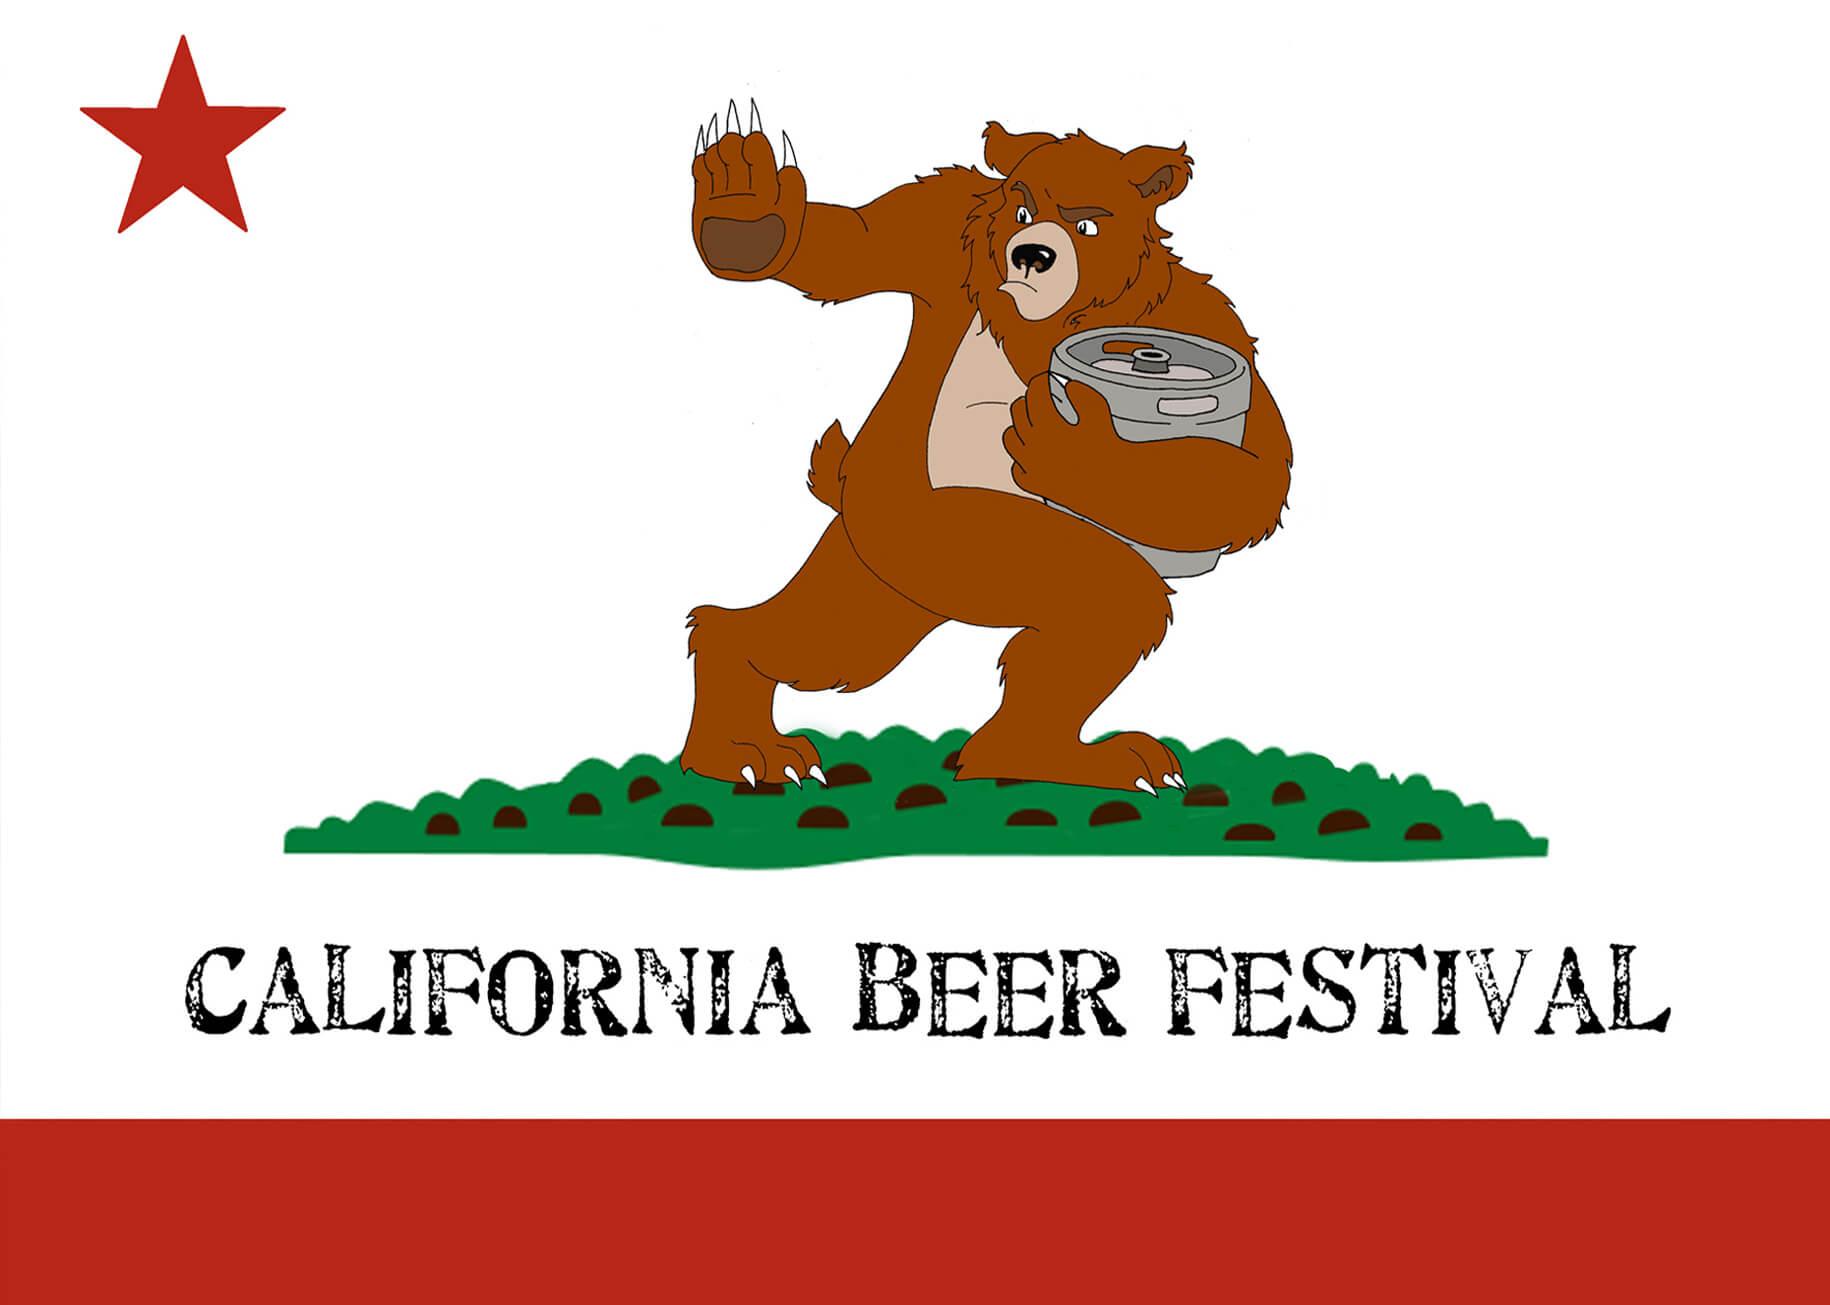 ca_beer_festival.jpg